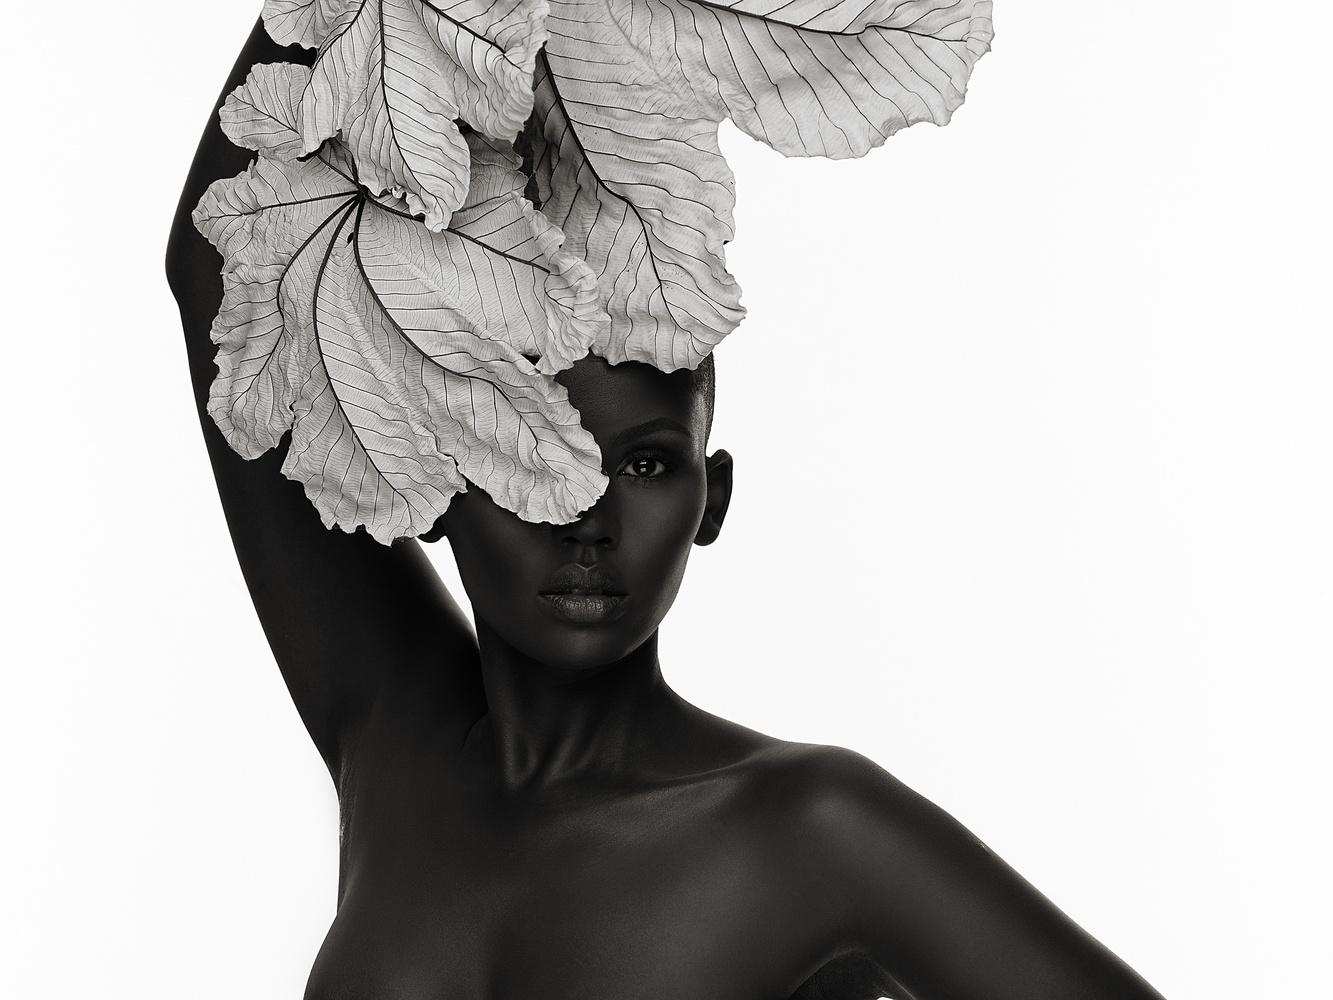 Lilian with White Leaf by DALLAS LOGAN